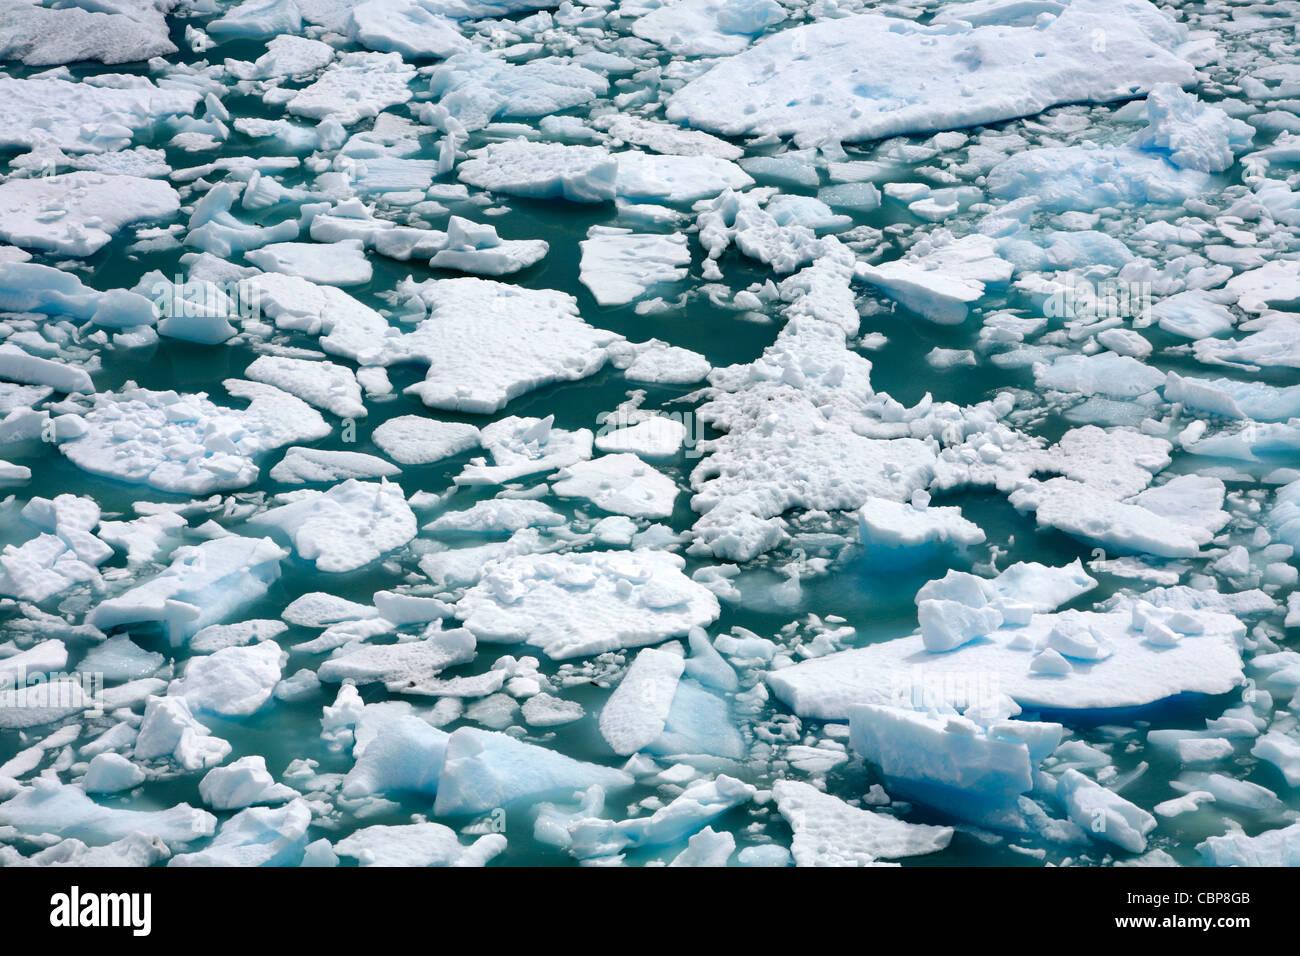 Pieces of ice falling off the Perito Moreno glacier. Los Glaciares National Park, El Calafate, Santa Cruz province. - Stock Image